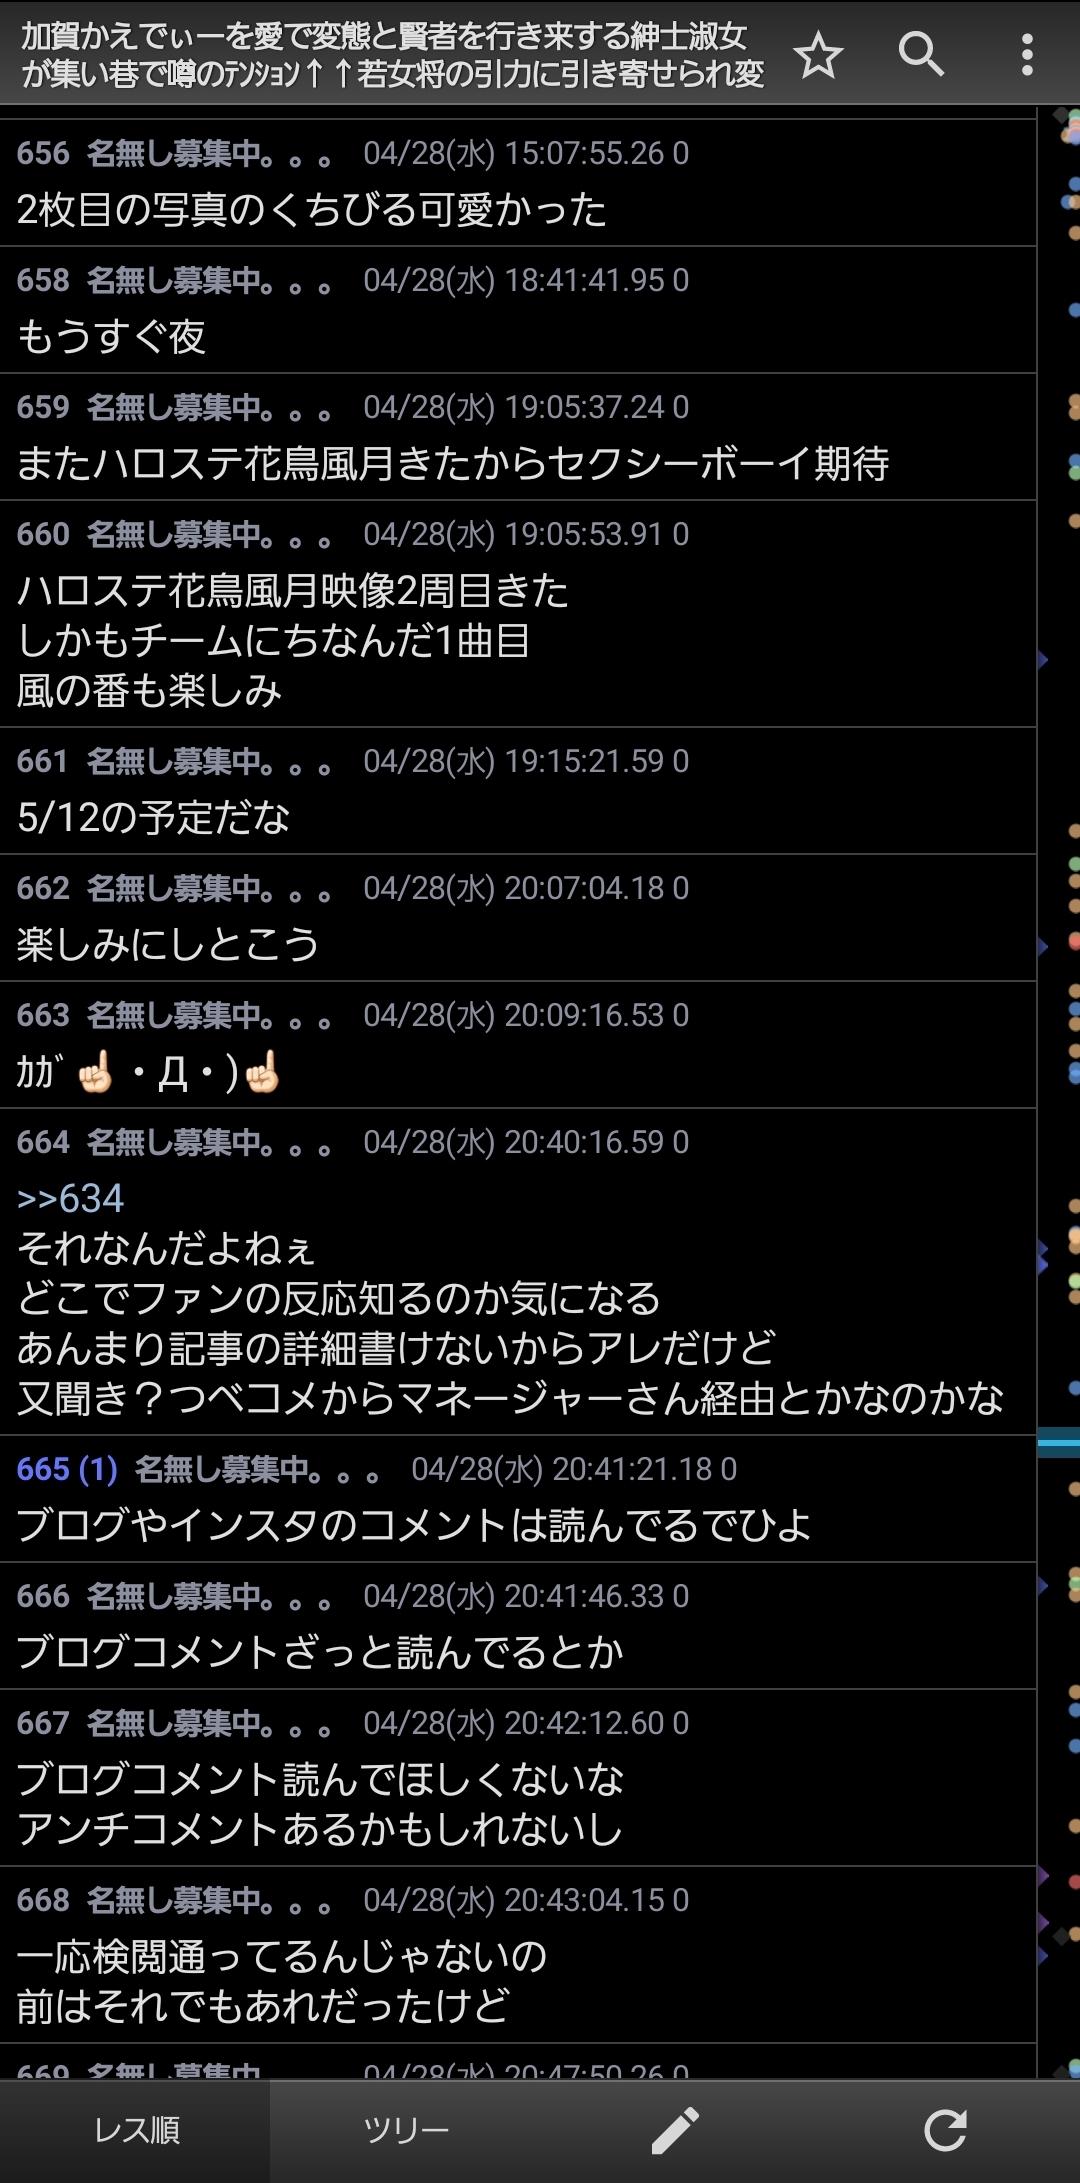 8hmcRYd_608e8e9587f75.jpg